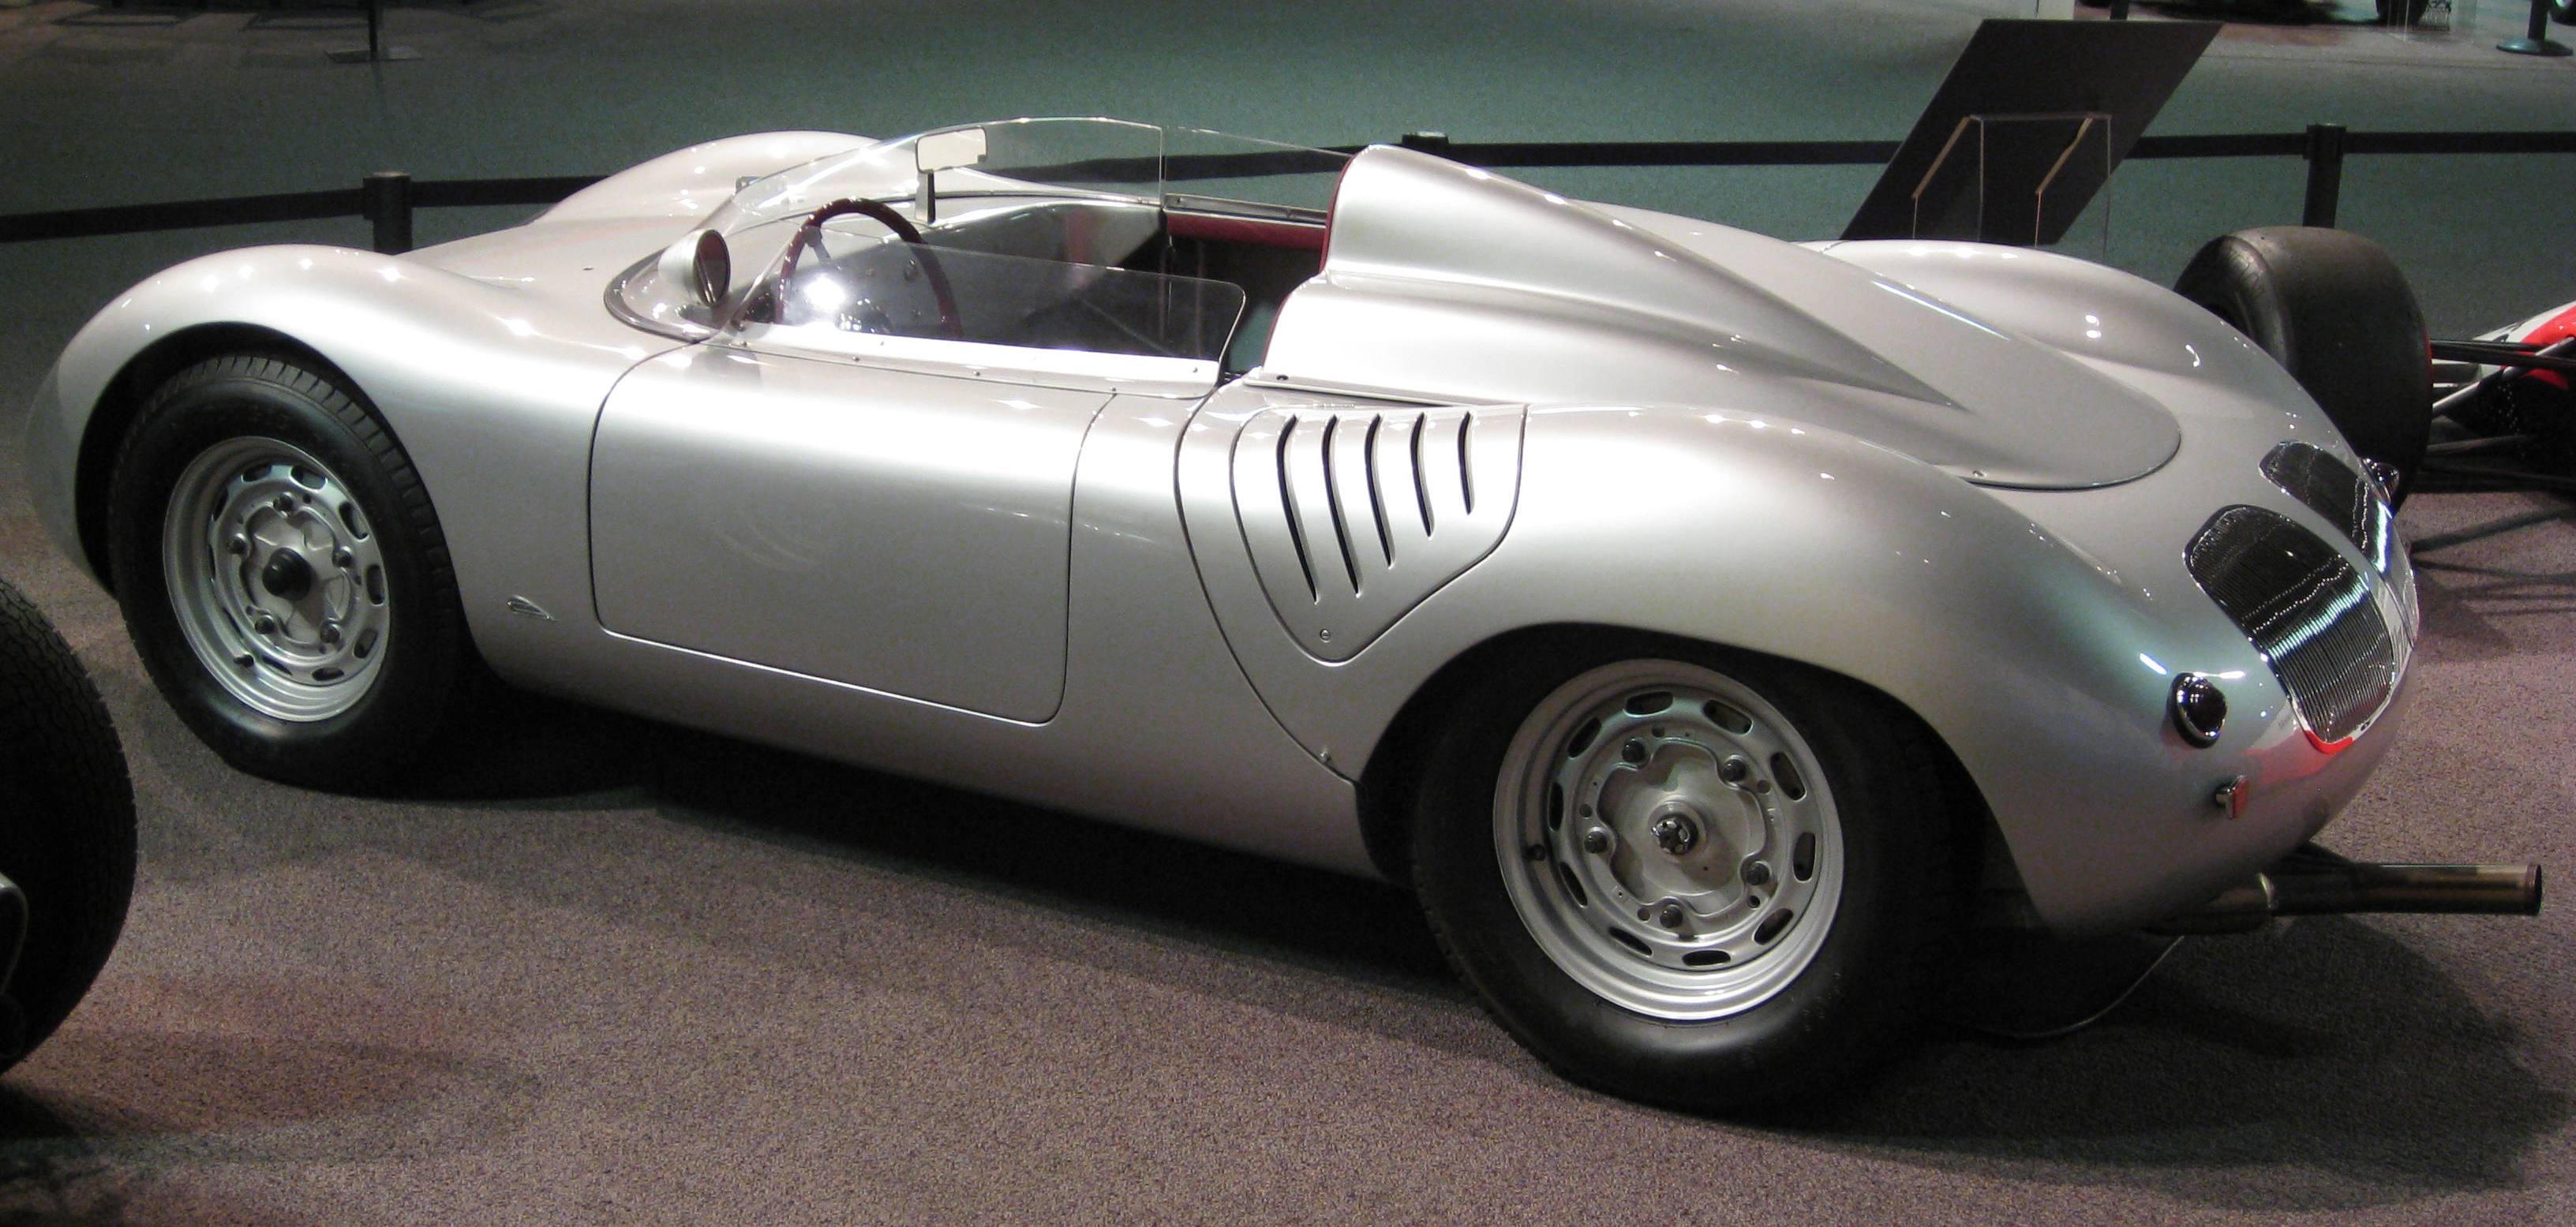 Classic alfa romeo giulietta for sale